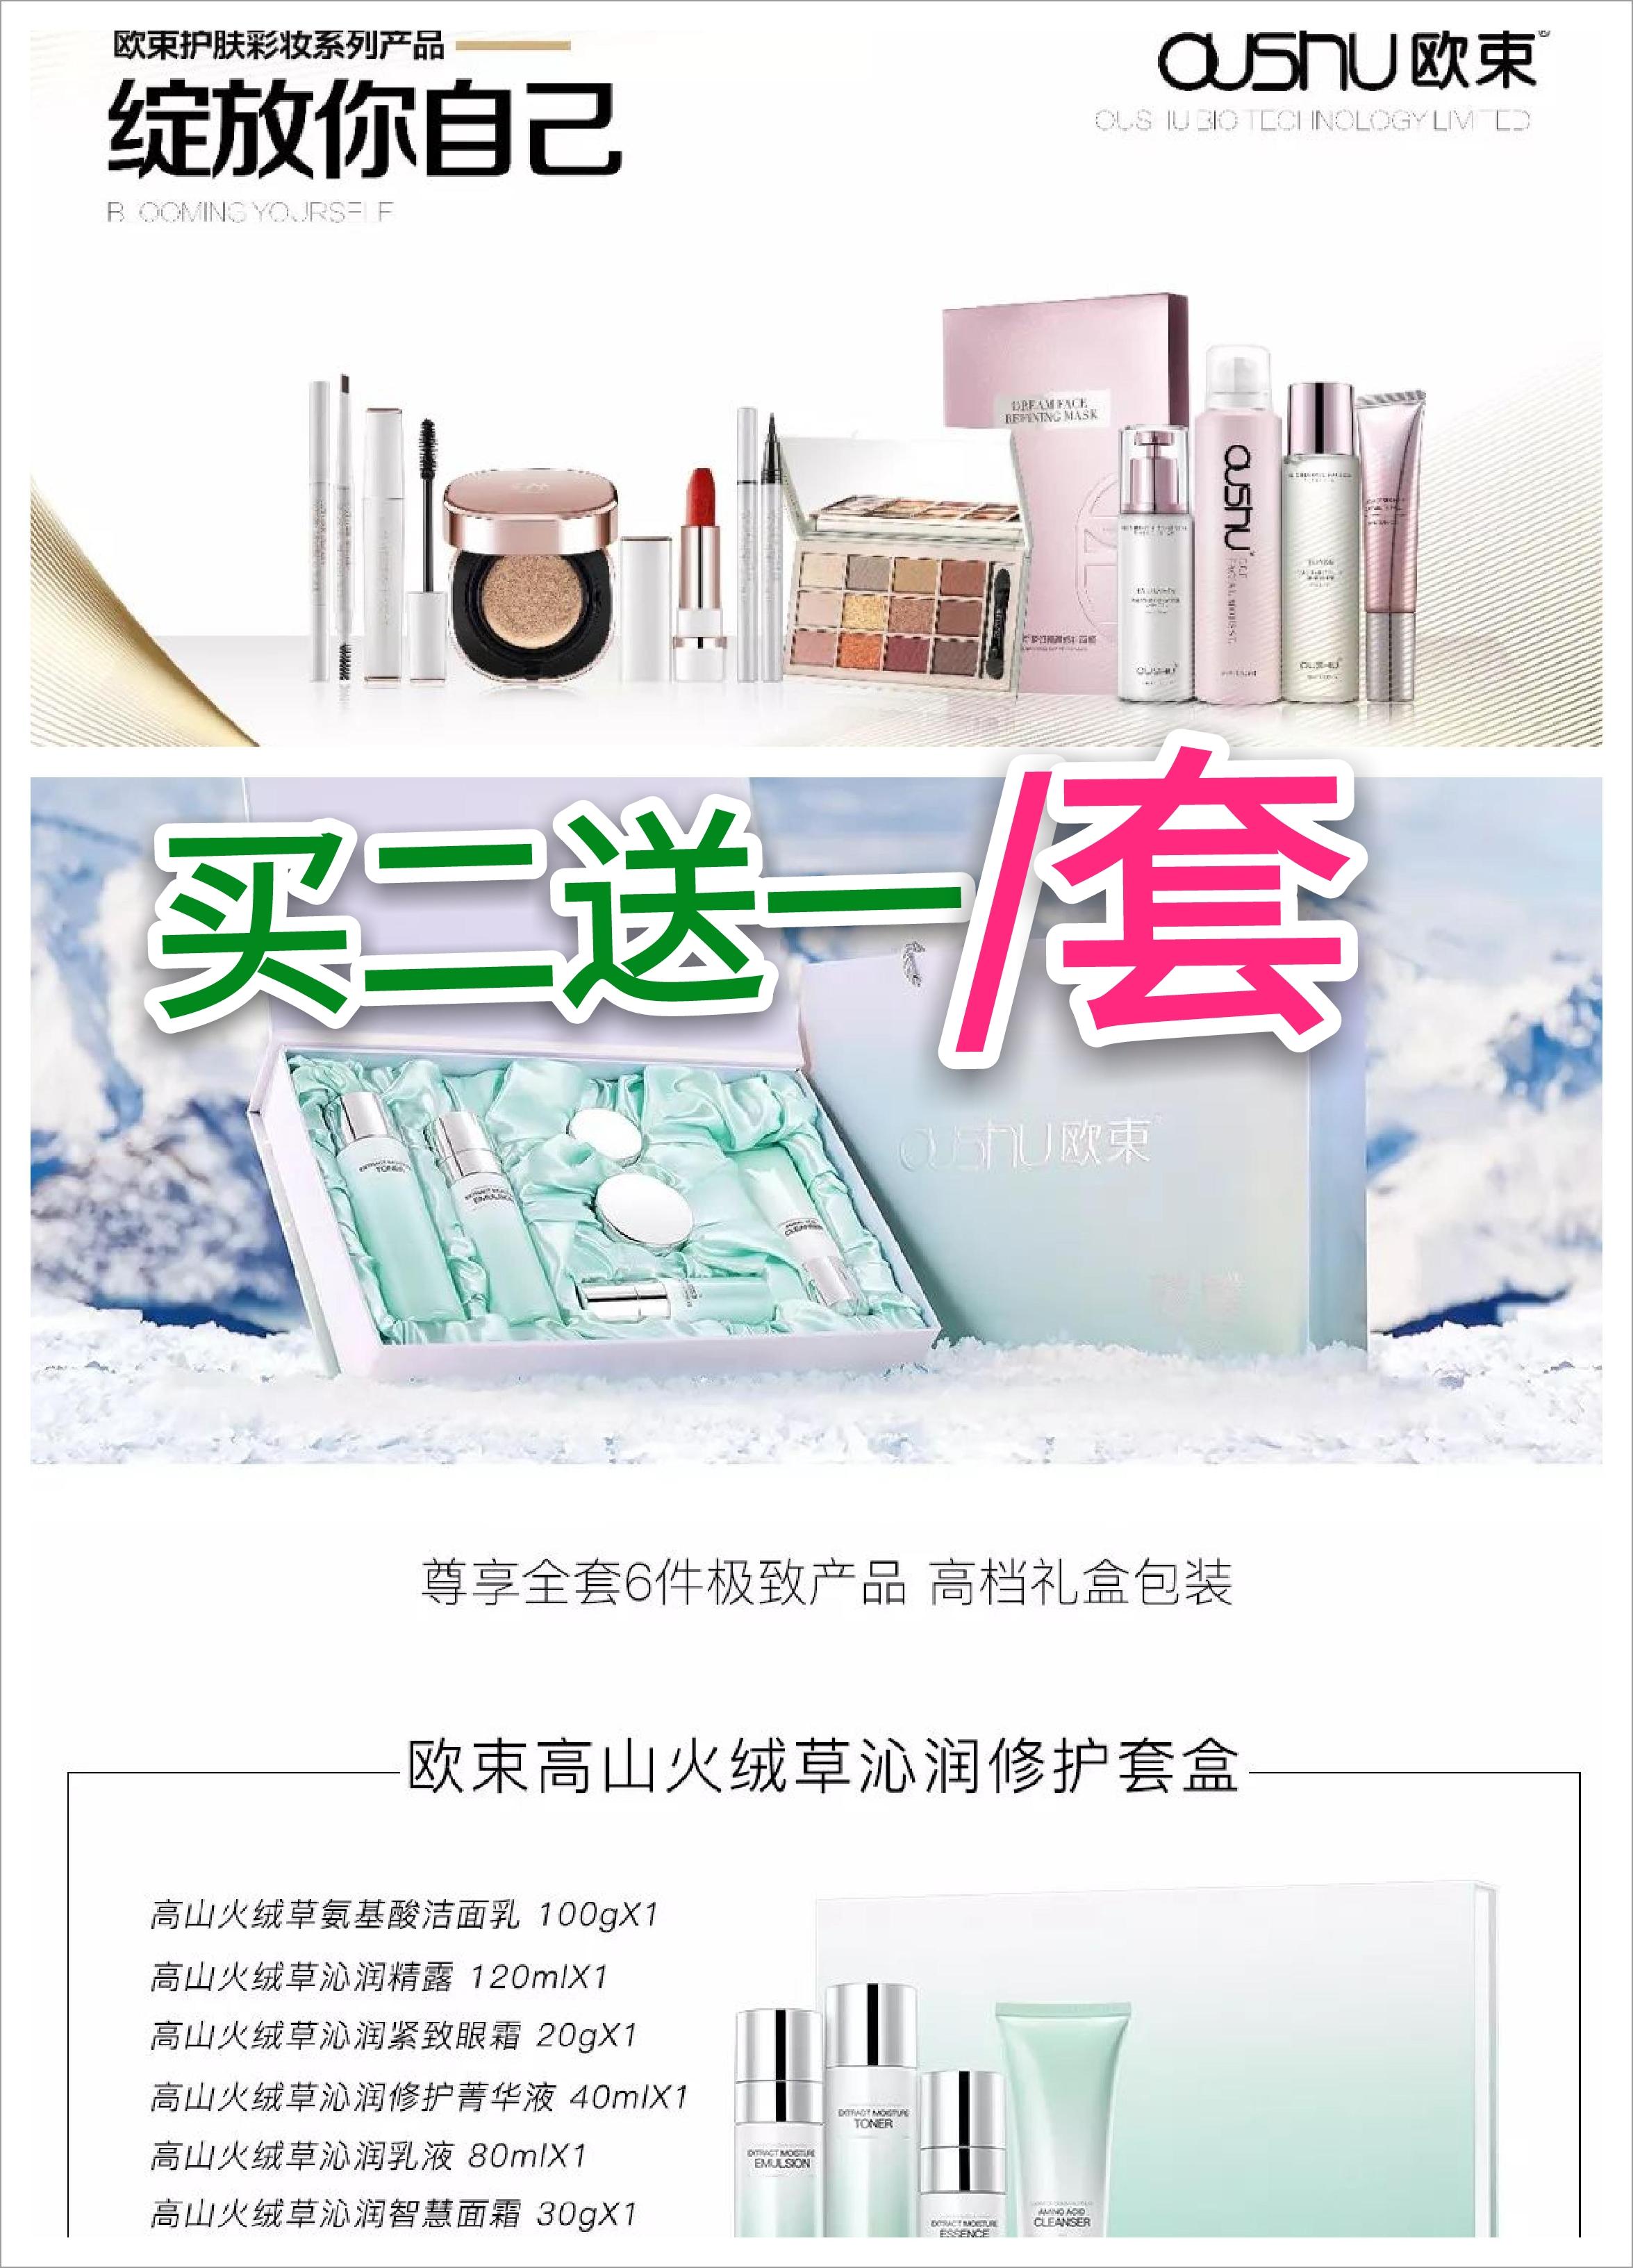 欧束多效妆前乳国内国际双重专利痘印可以祛除吗?